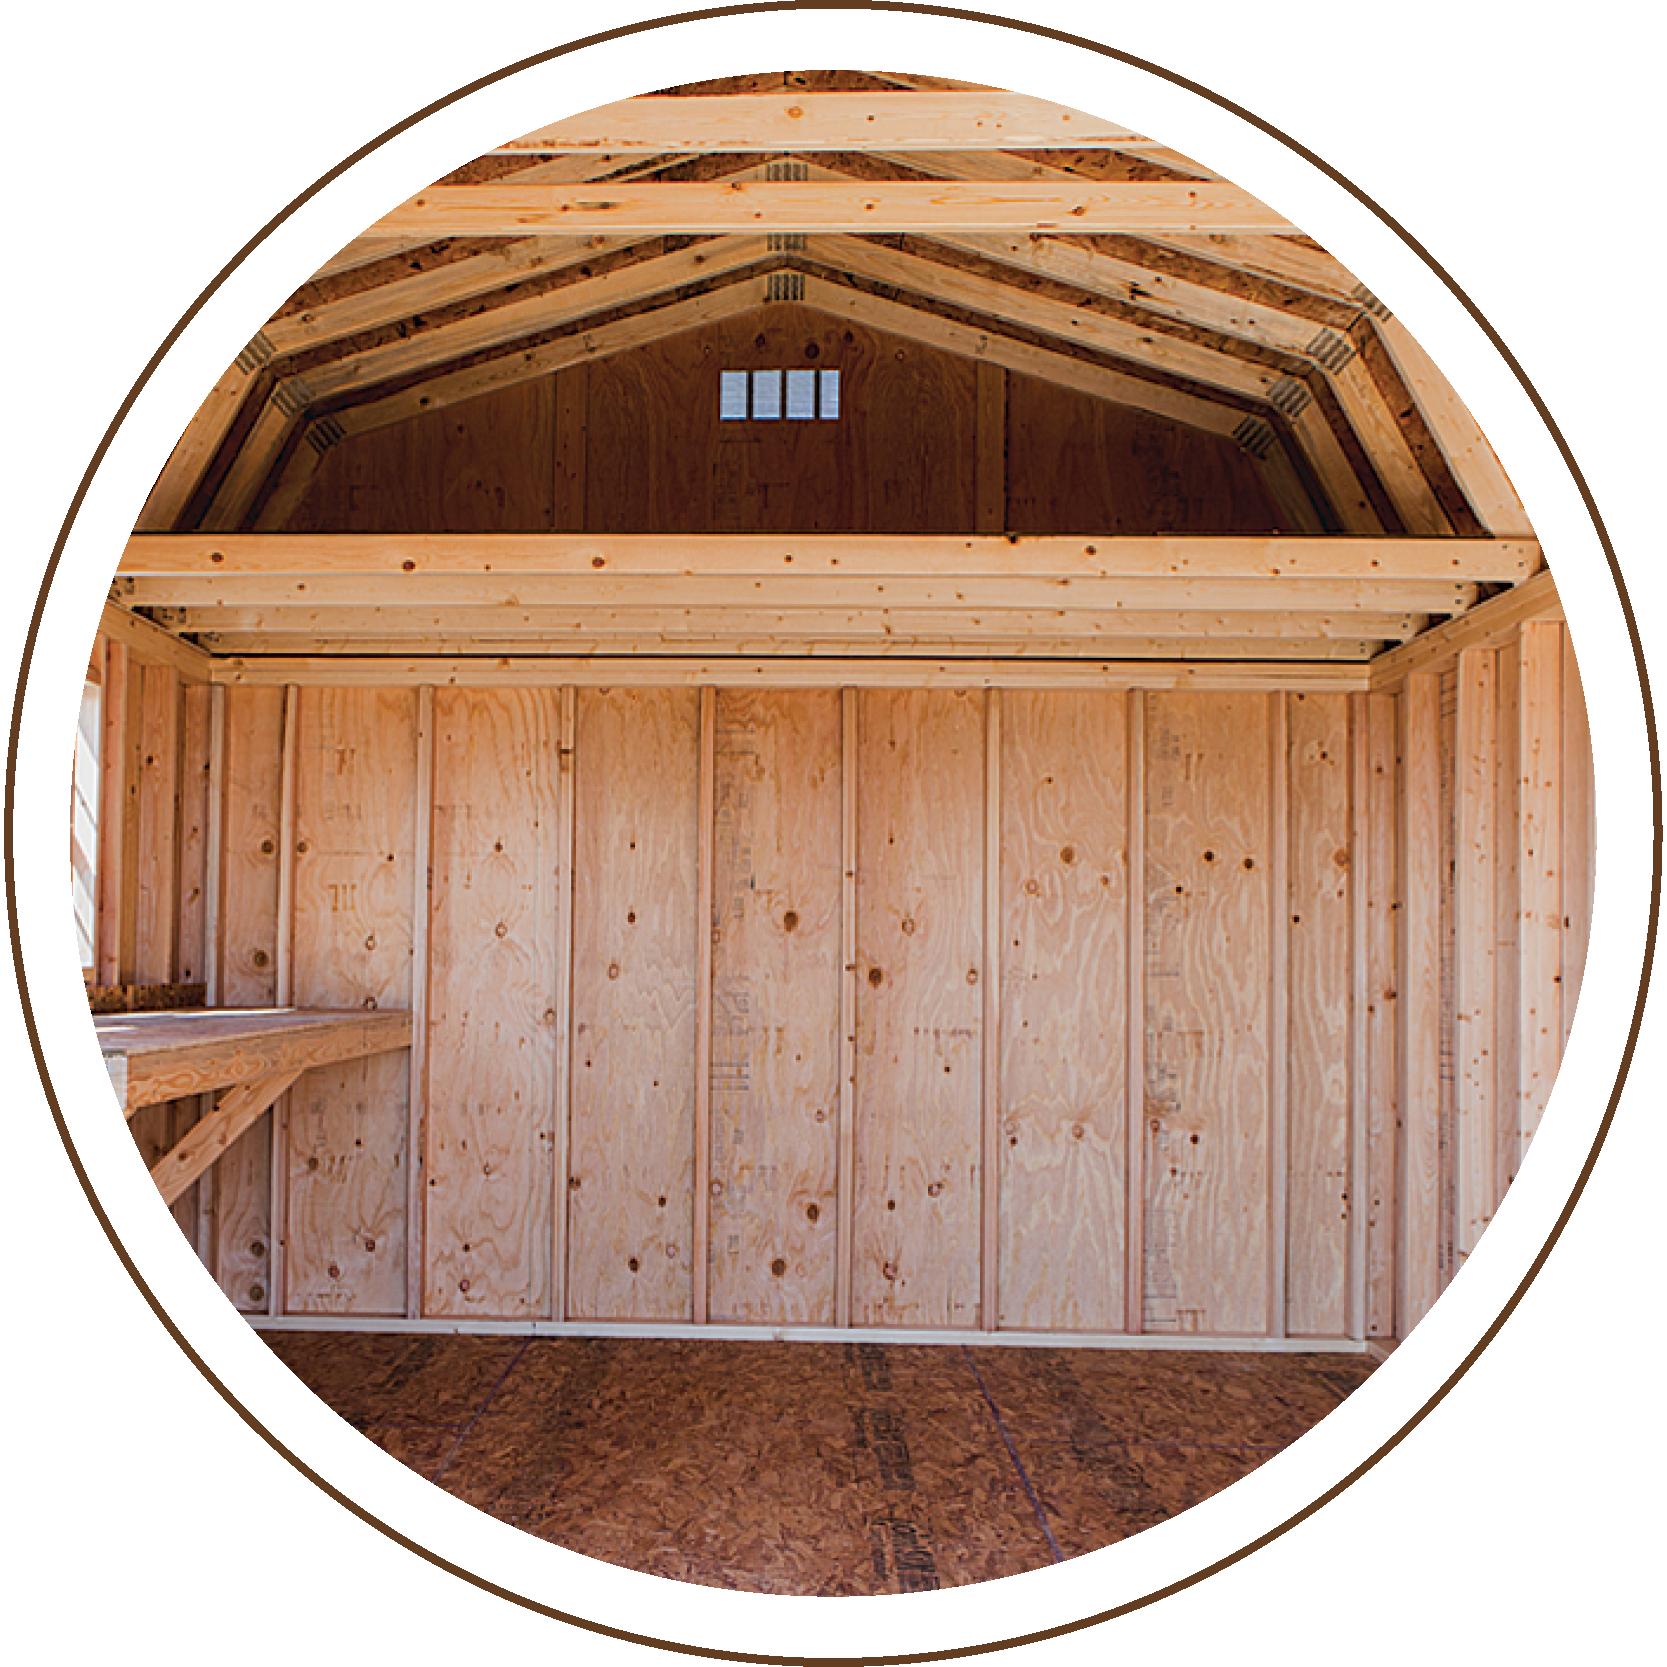 Built-in Loft